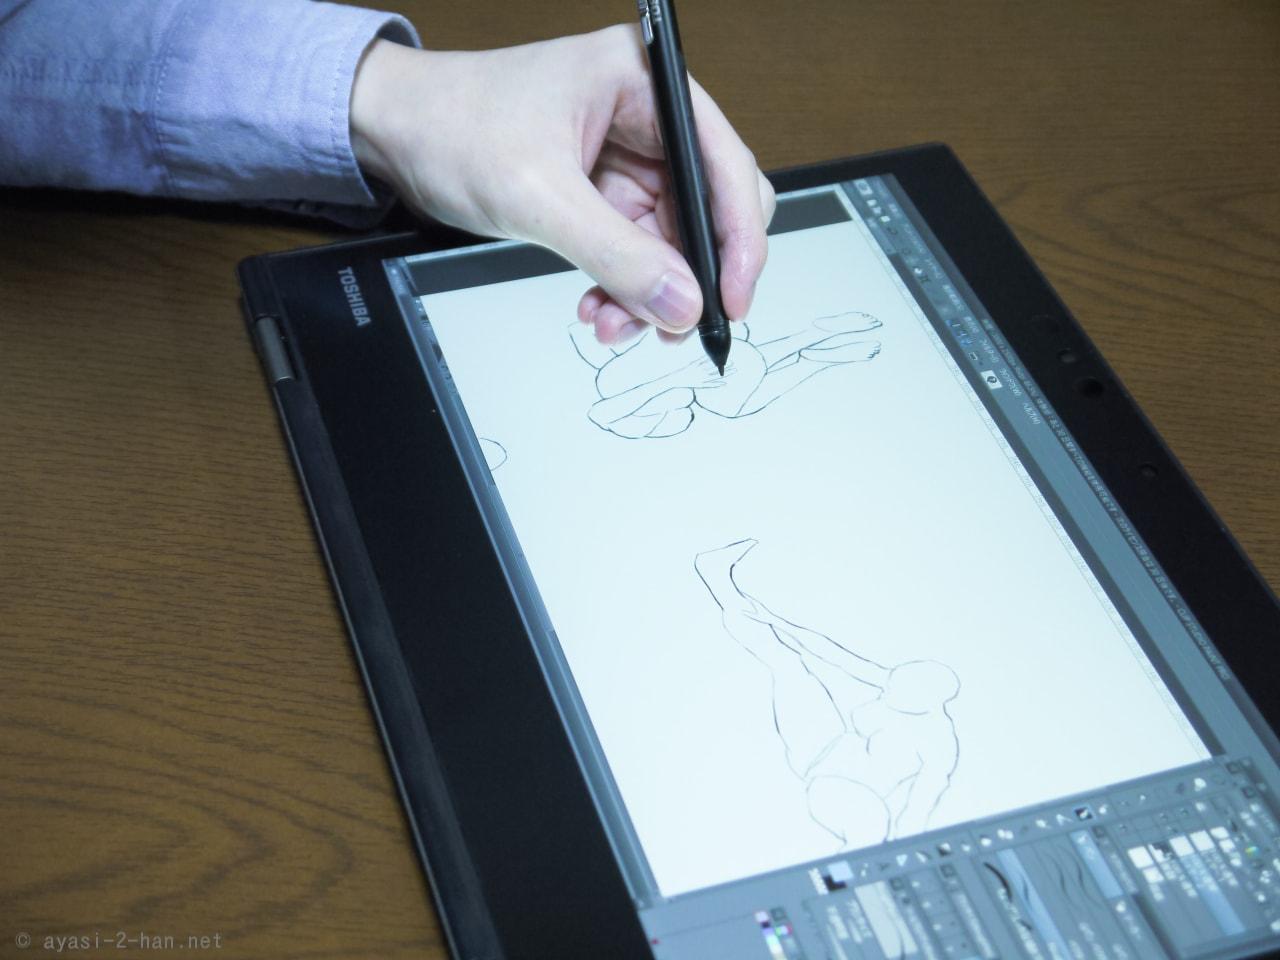 全てを兼ね備えた筆圧入力対応2-in-1PC! Dynabook VZ72のレビューというか使ってみた感想